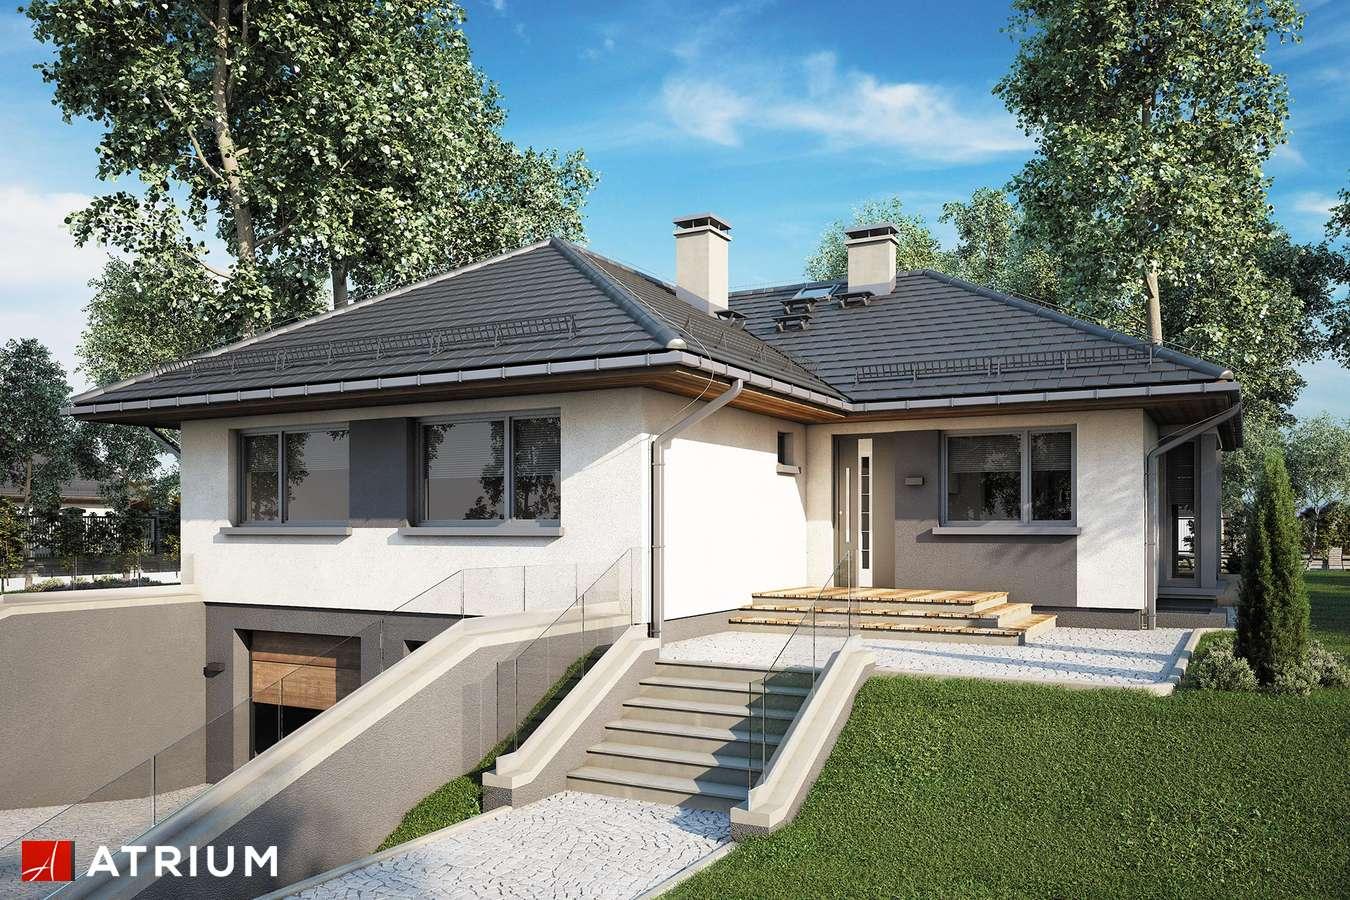 Projekty domów - Projekt domu parterowego GUSTAW II - wizualizacja 1